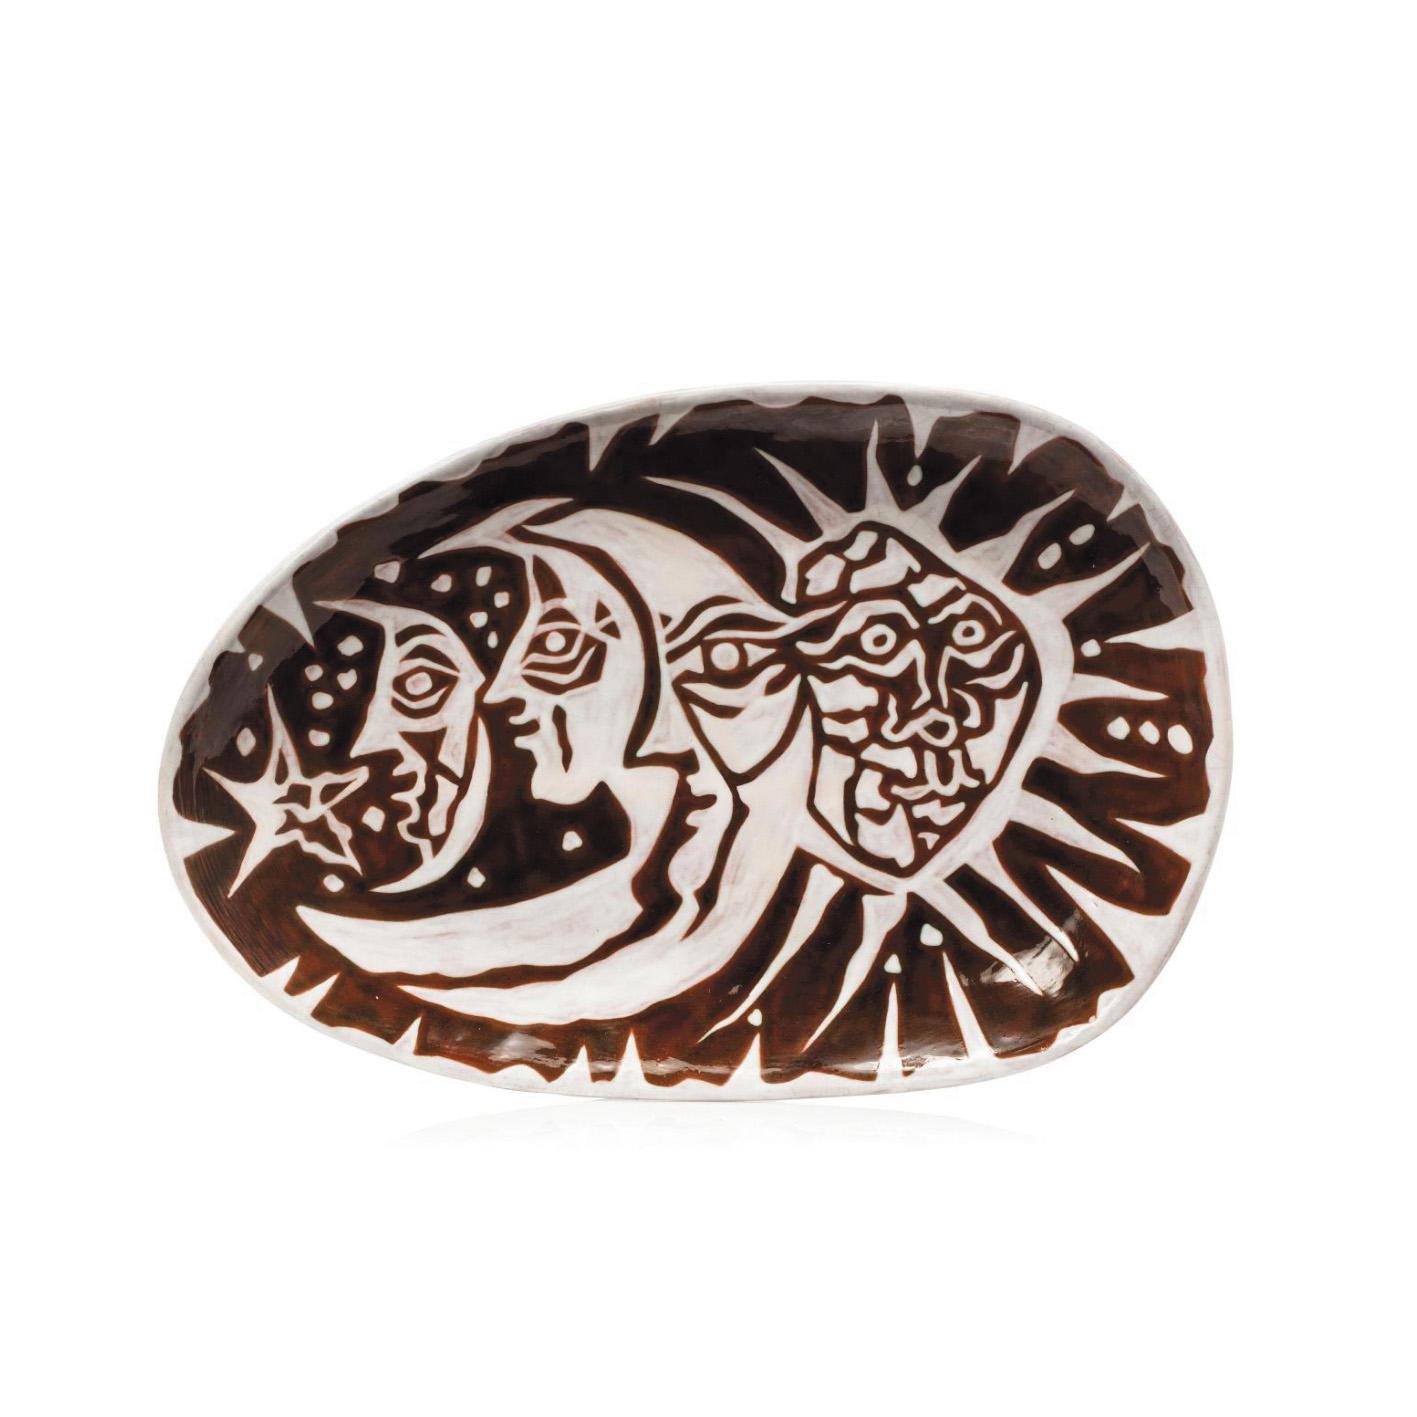 2210€ Jean Lurçat et Sant Vicens, «Soleil Lune», plat en céramique vernissée blanche et brune, 4,5x54x36cm.Paris, Salle V.V. Millon